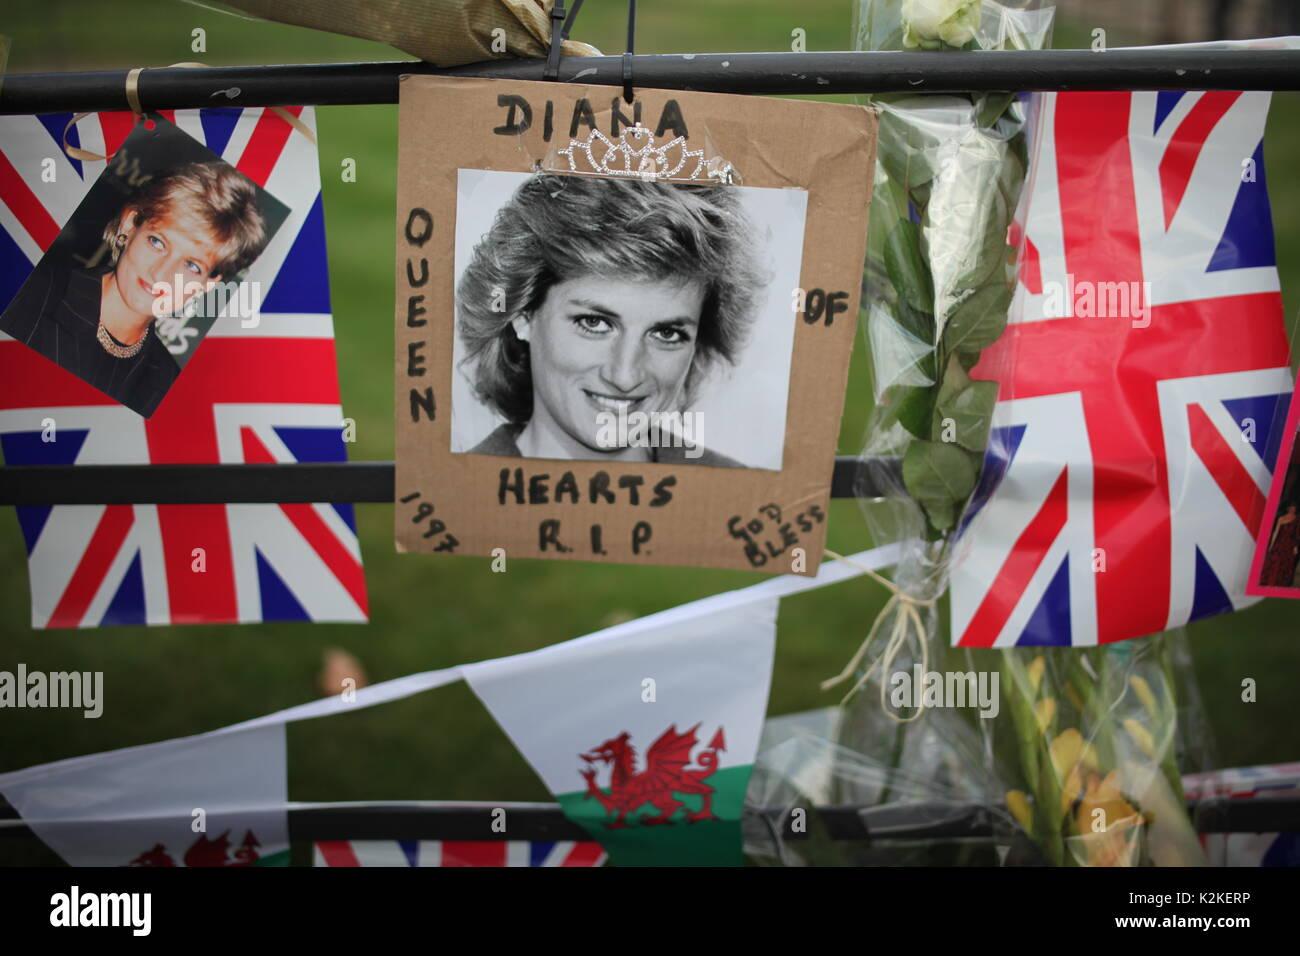 Londres, Reino Unido. 31 Aug, 2017. La gente paga tributo a la Princesa Diana en el Palacio de Kensington después de 20 años de su muerte, Londres, Gran Bretaña Credit: Nastia M/Alamy Live News Imagen De Stock